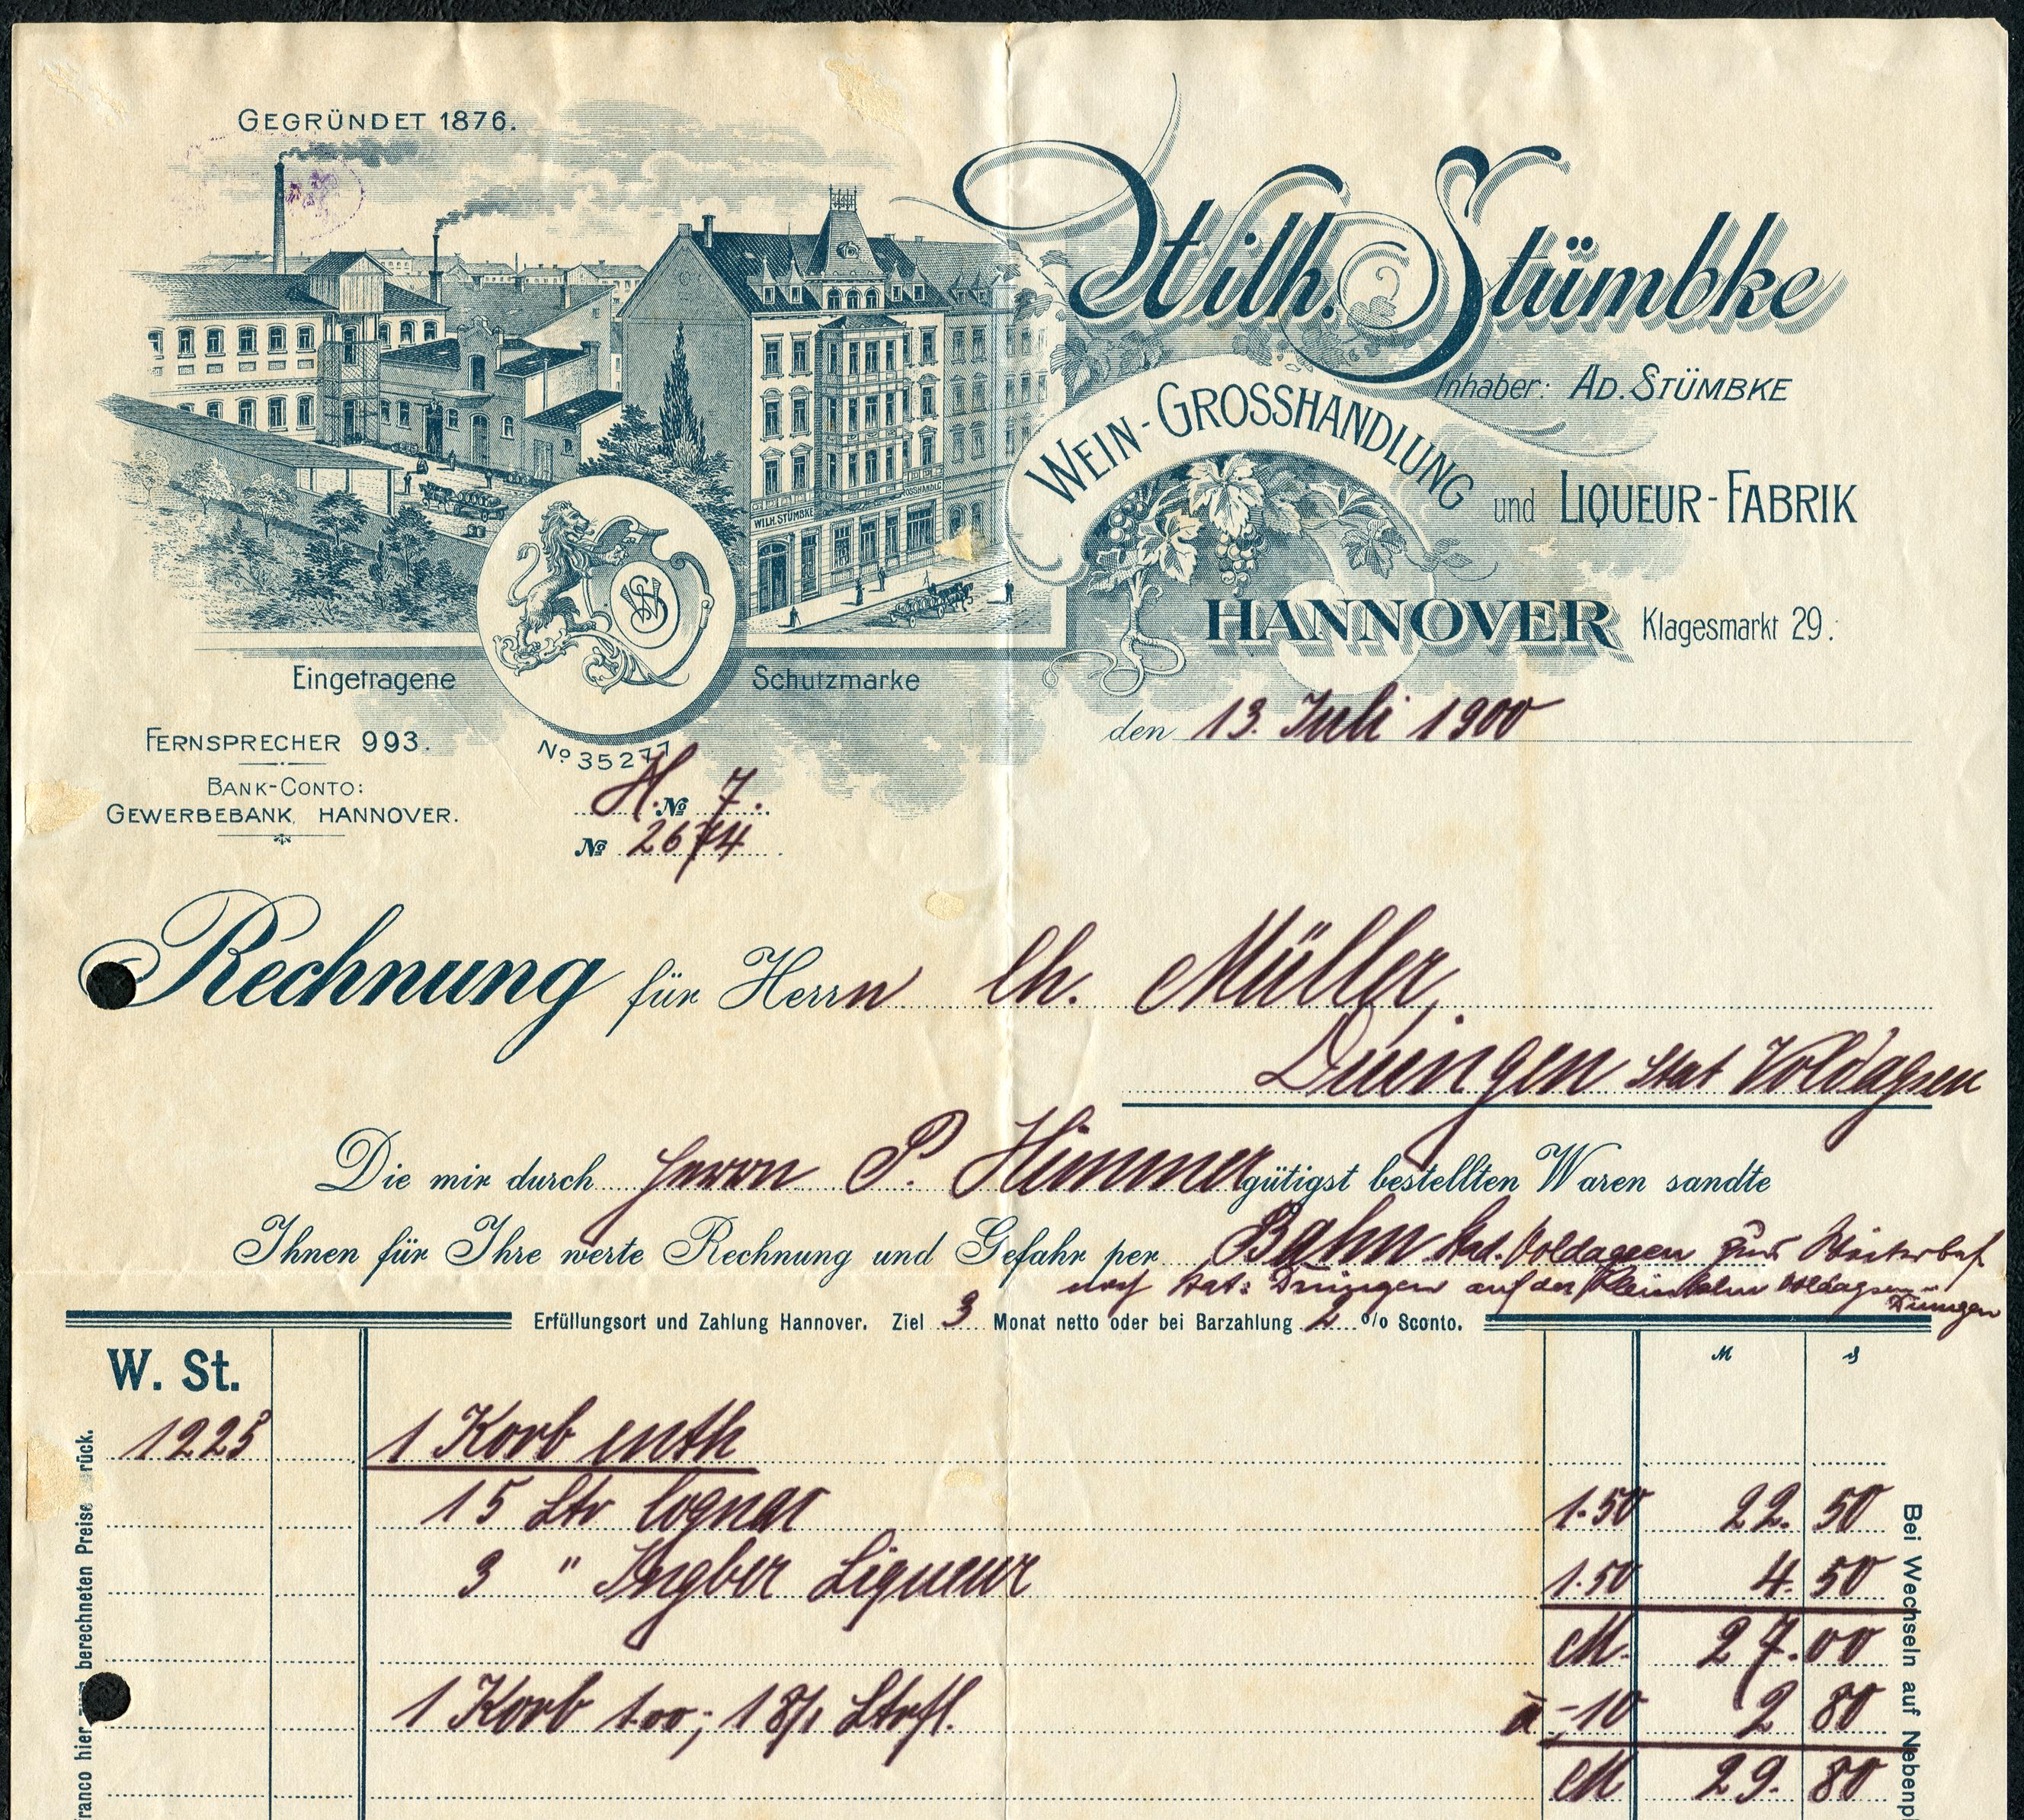 File:Wilhelm Stümbke Inhaber Adolf Stümbke Wein-Grosshandlung und ...